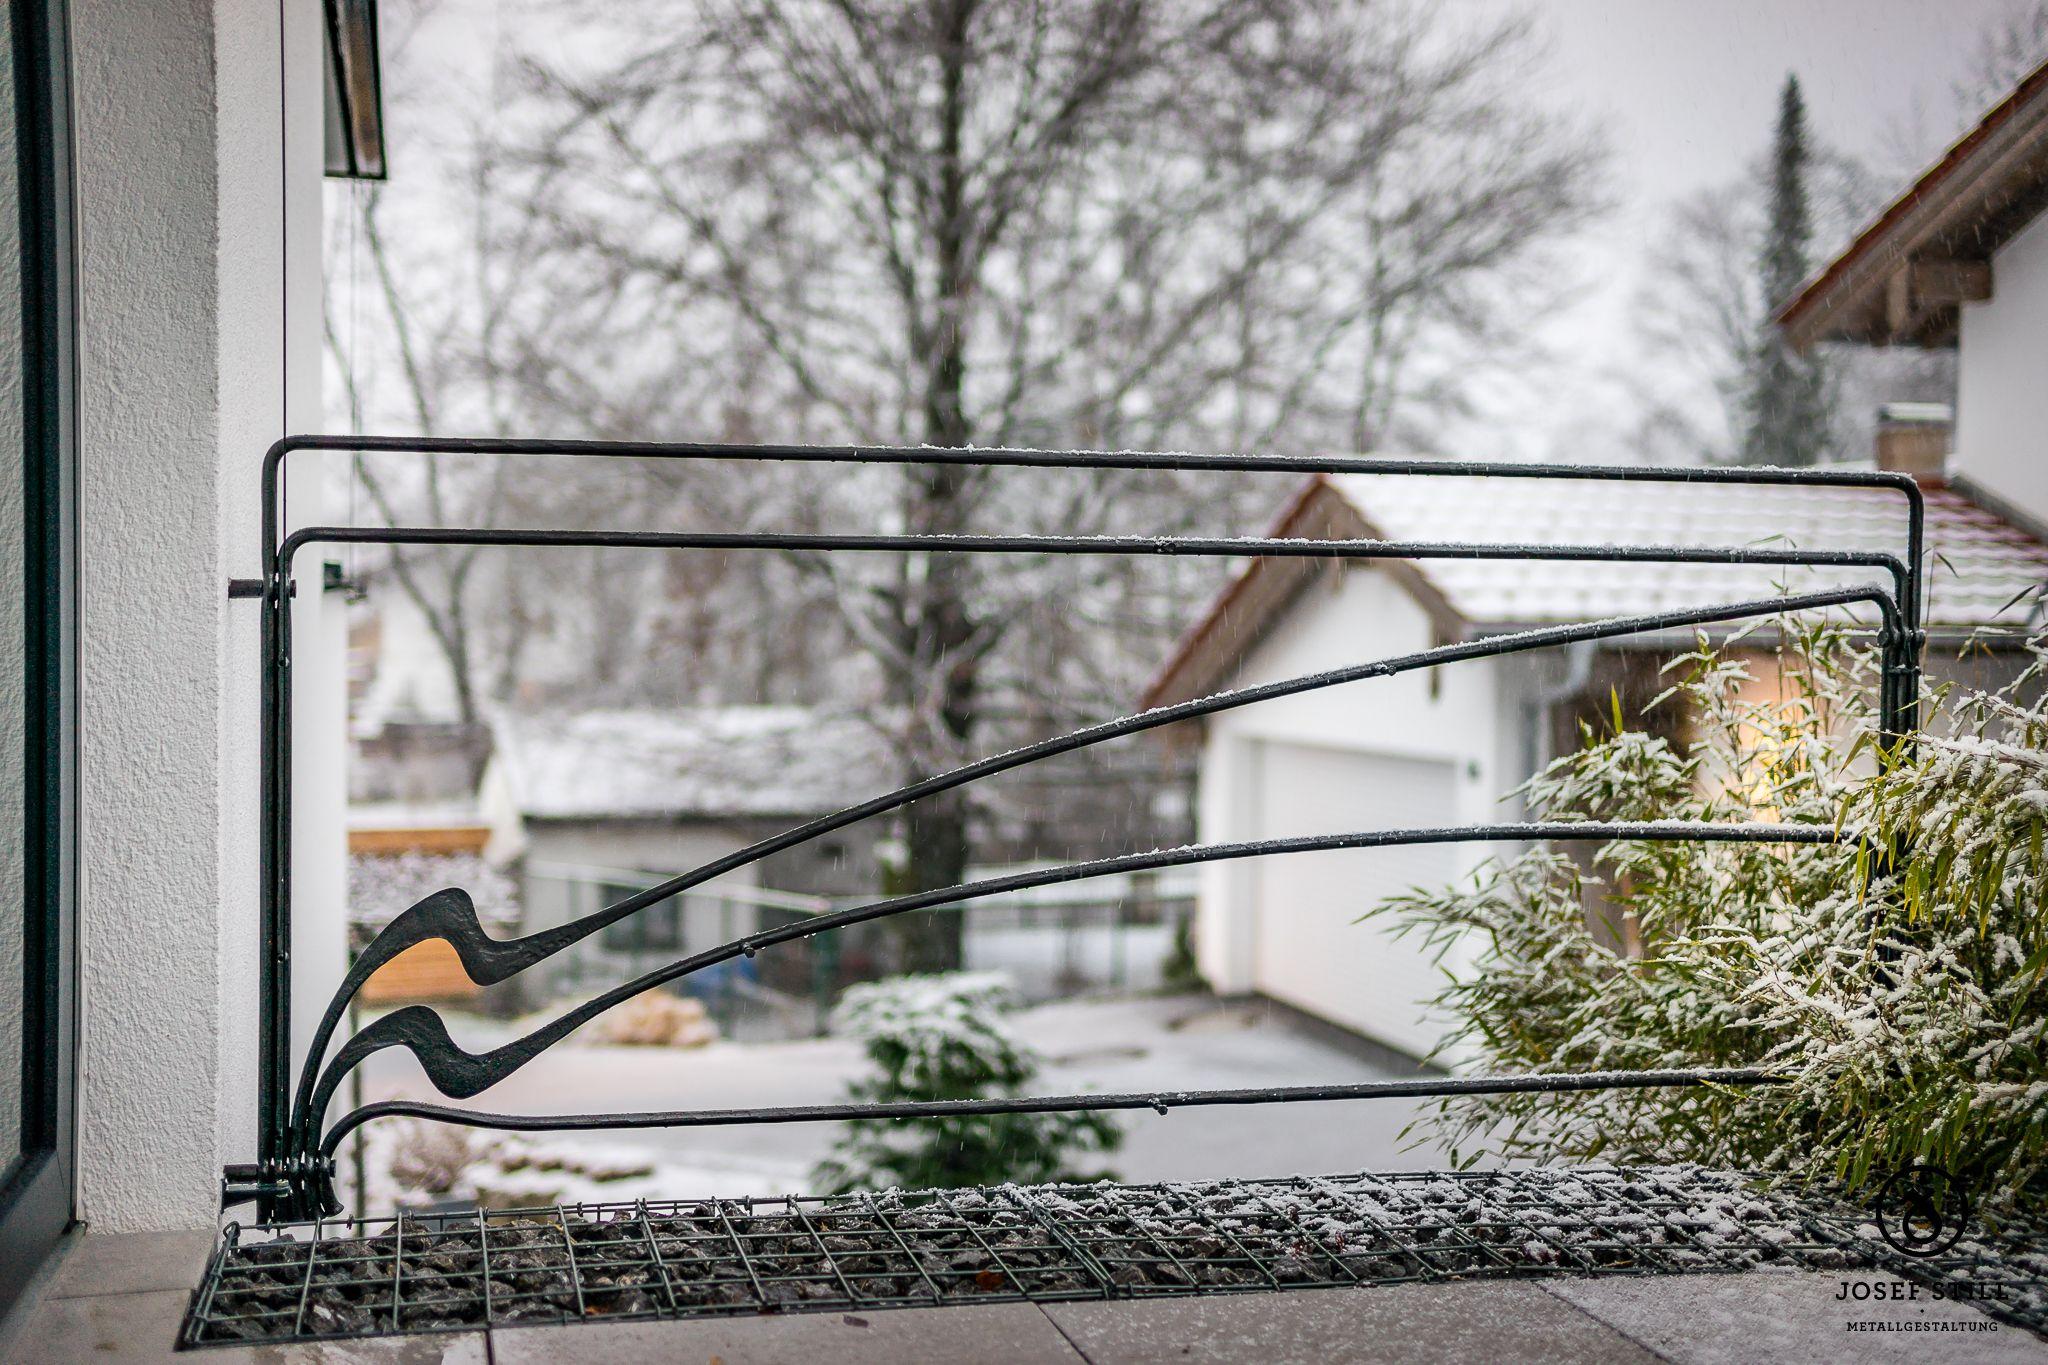 Terrassengelander Www Metall Schmiede De Kunstschmiede Gelander Treppe Handlauf Schmiede Munchen Rosenhe Terrassen Gelander Terrasse Haus Und Garten